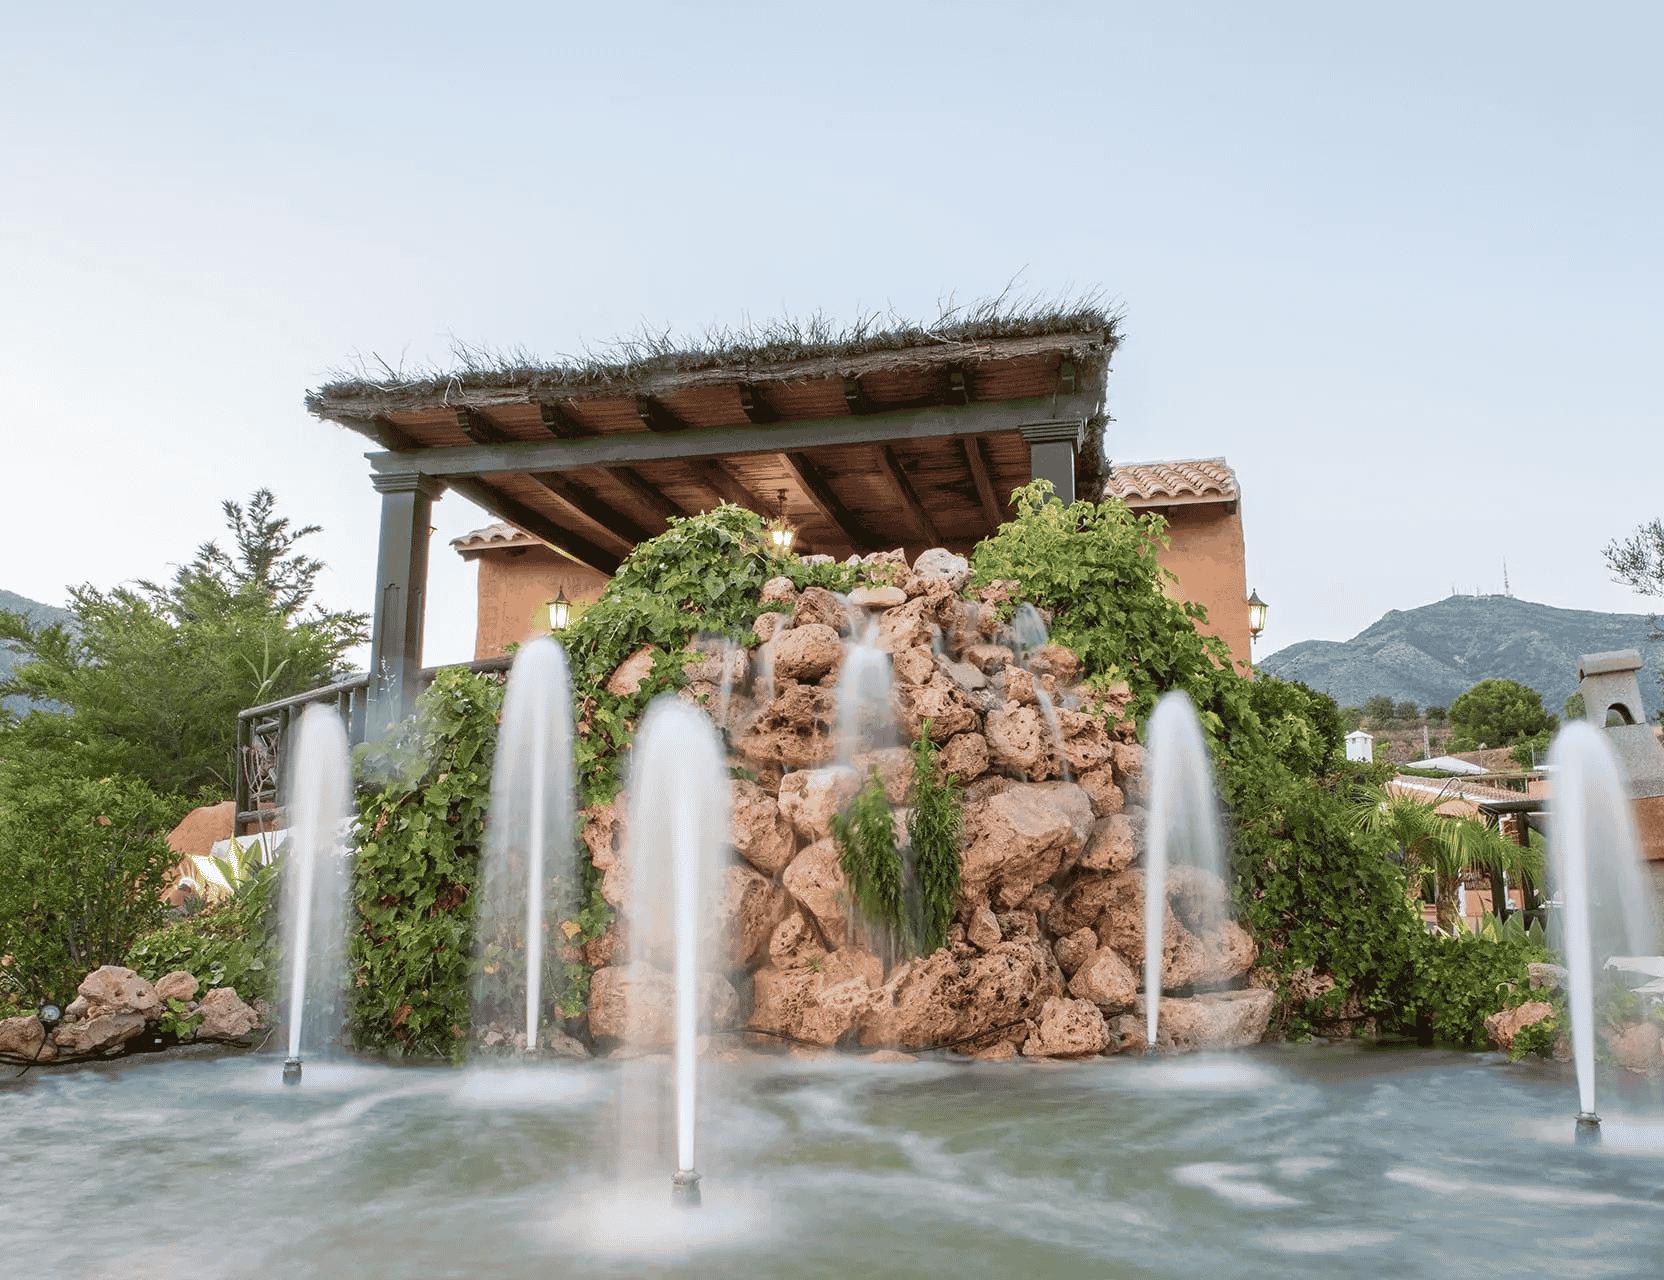 villa paradiso rehab in spain